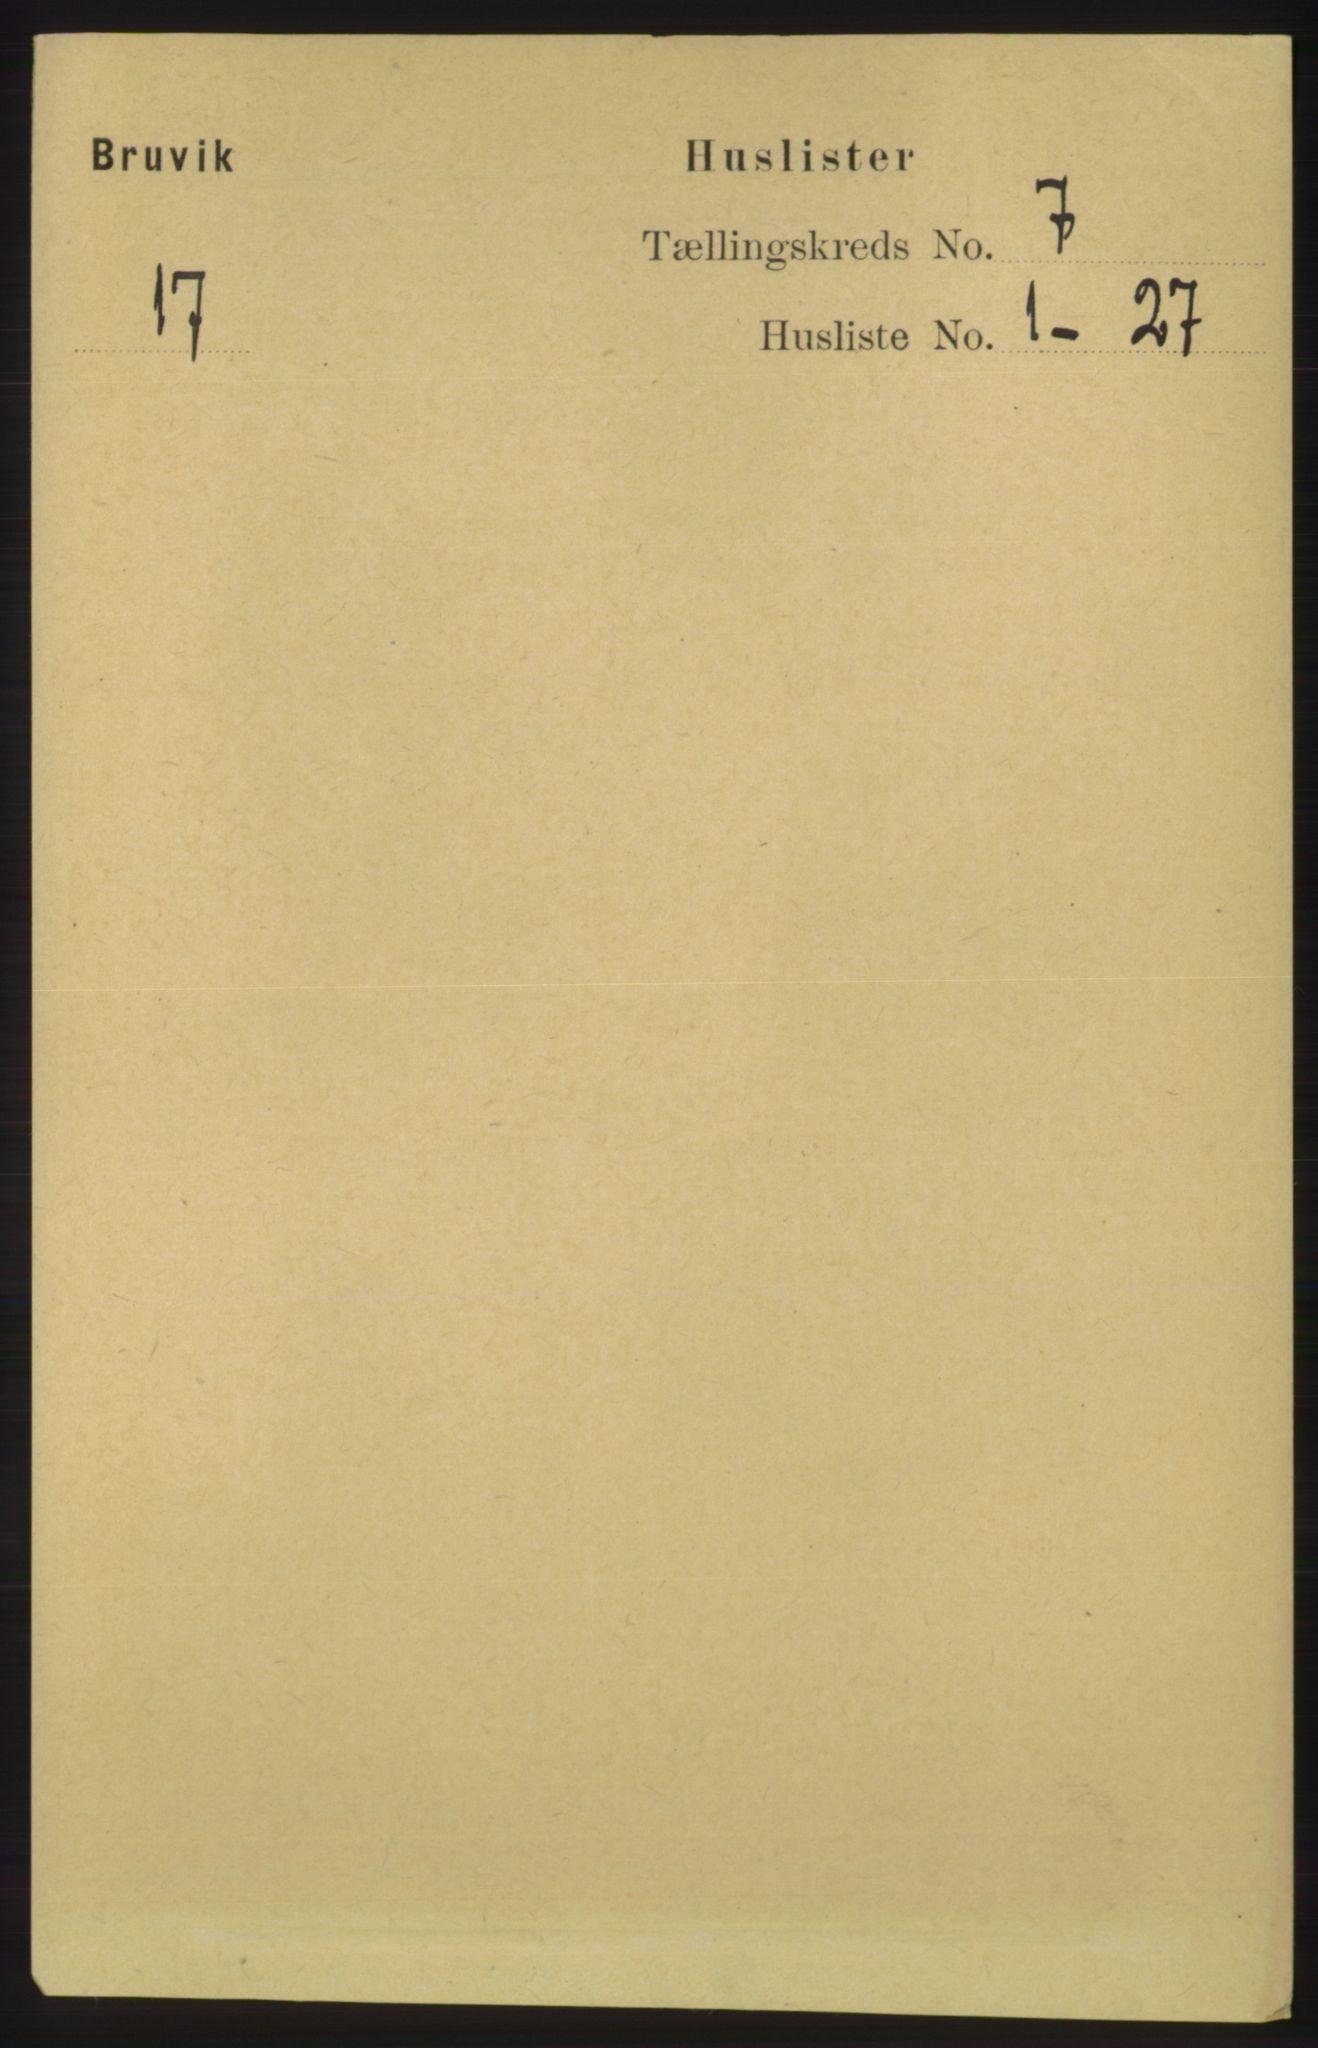 RA, Folketelling 1891 for 1251 Bruvik herred, 1891, s. 2016